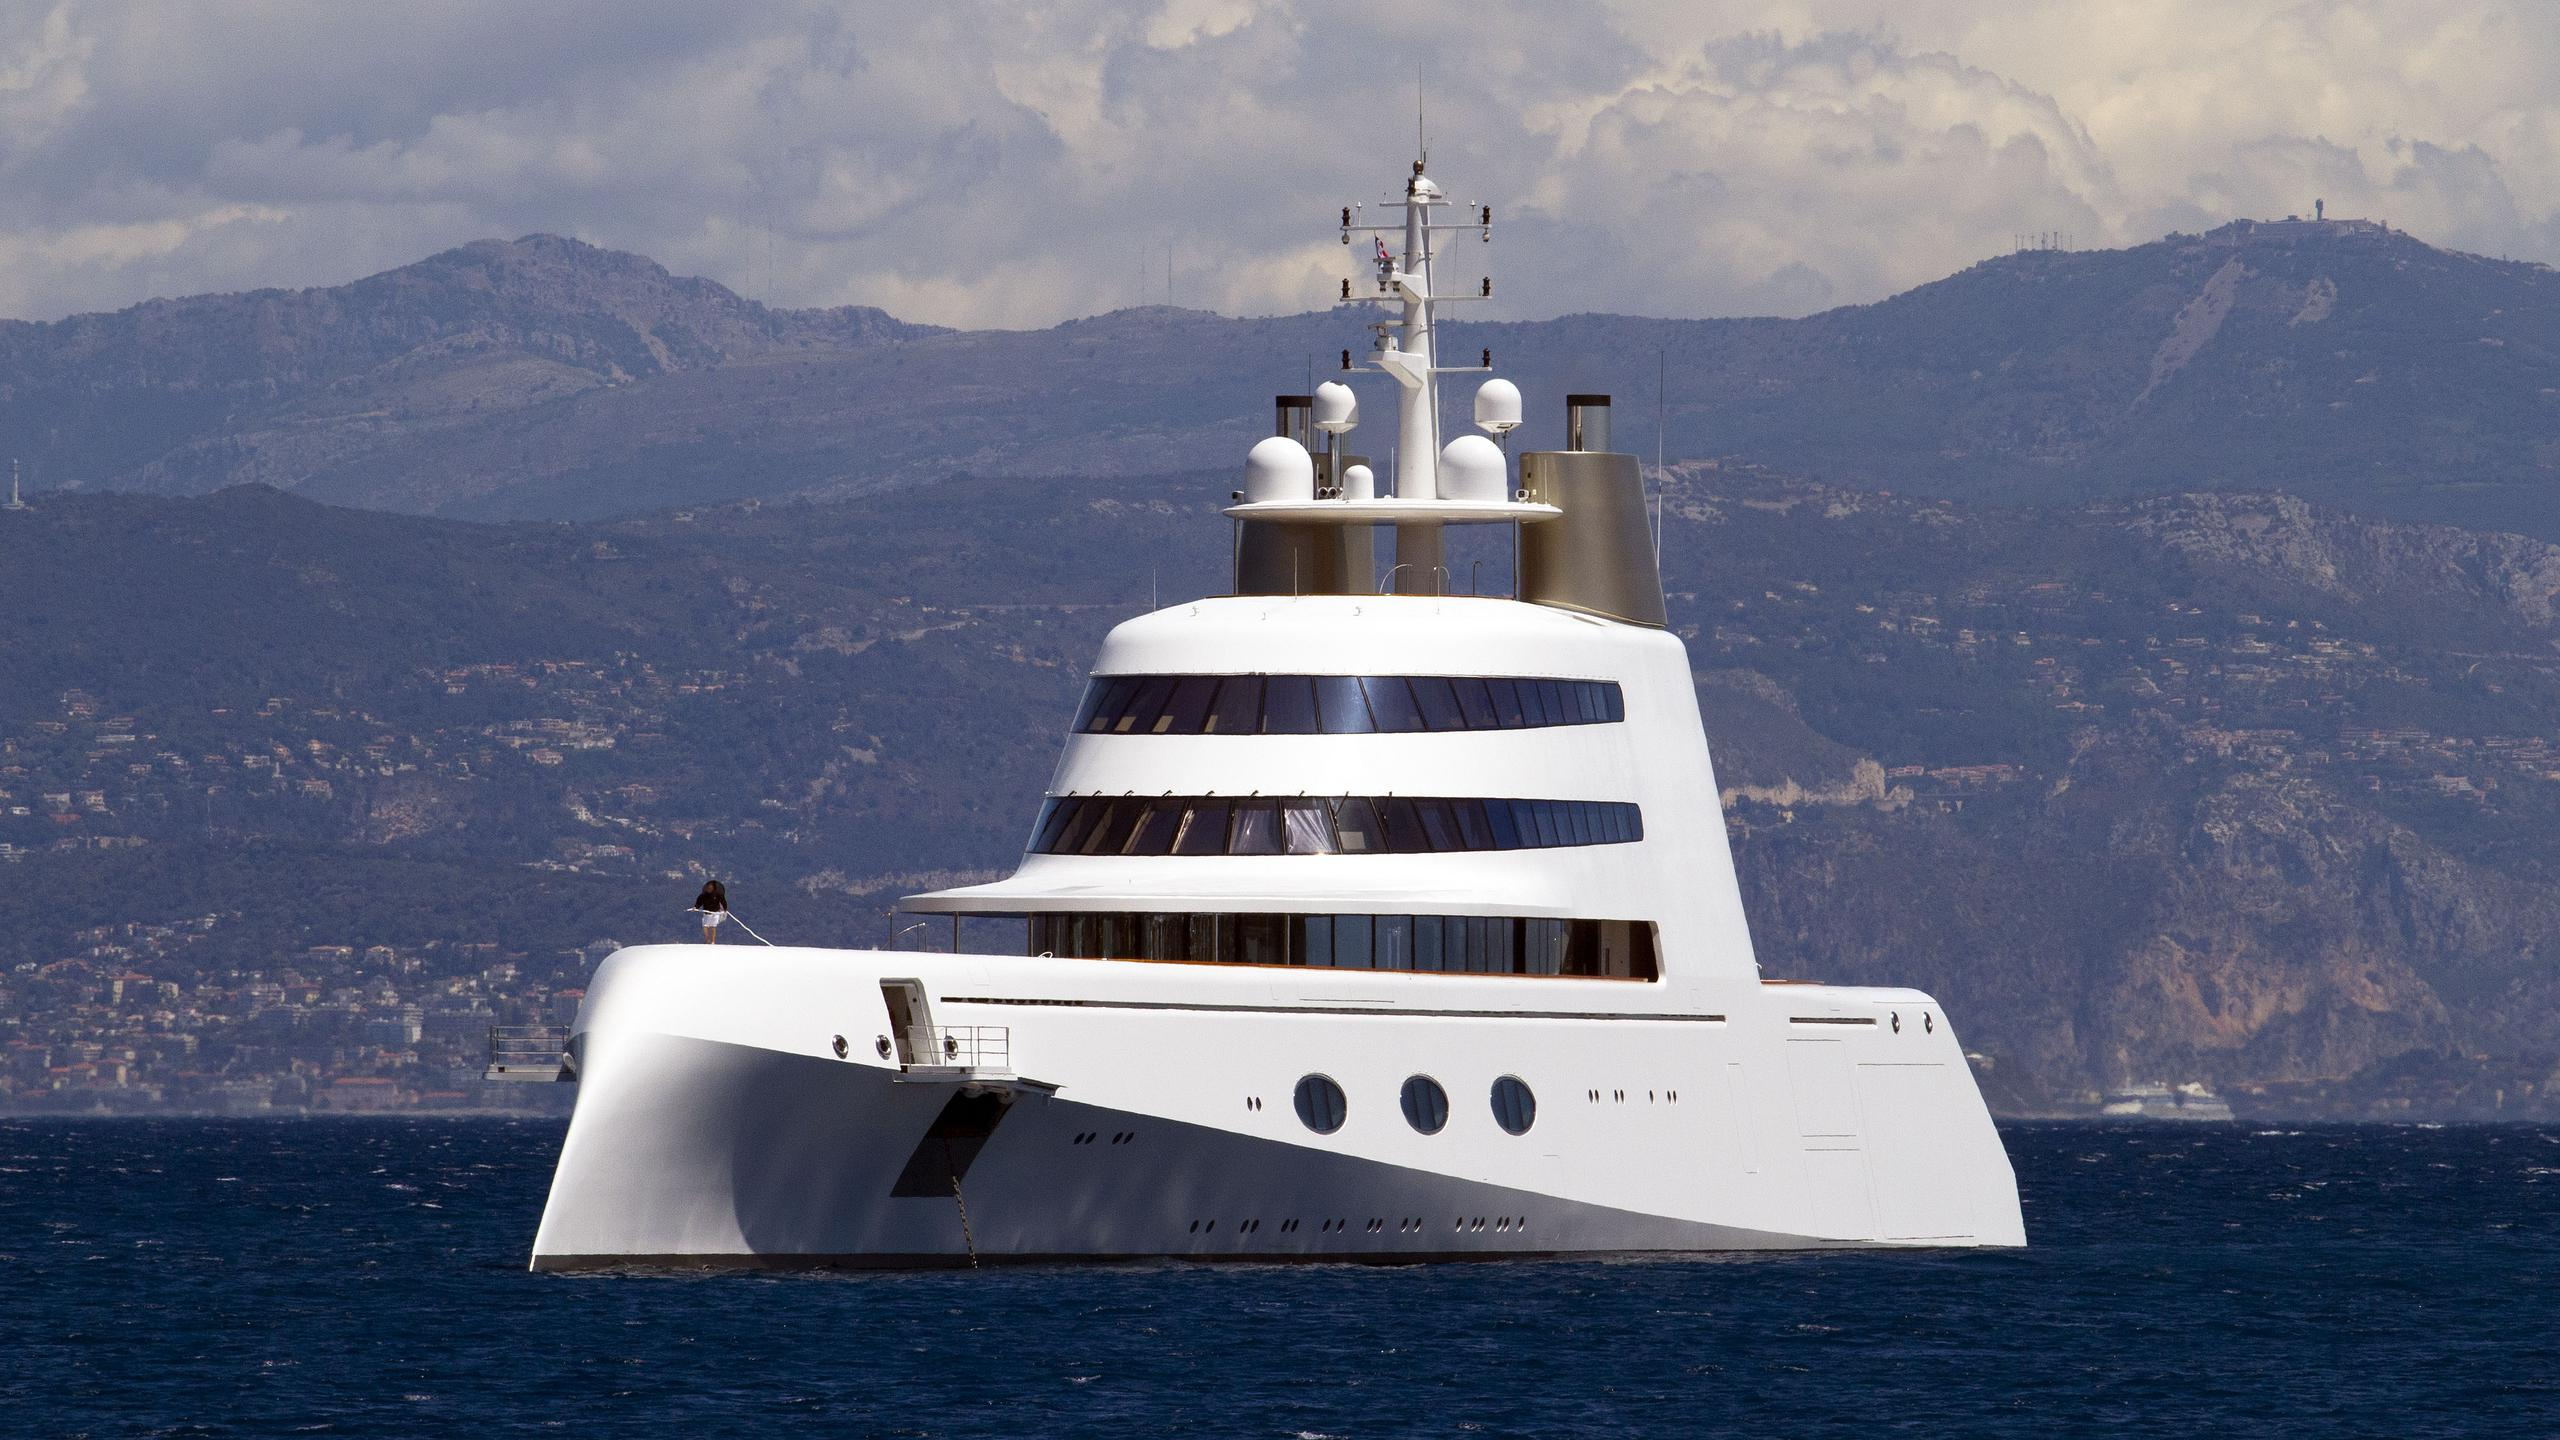 superyacht-a-motor-yacht-blohm-voss-2008-119m-half-profile